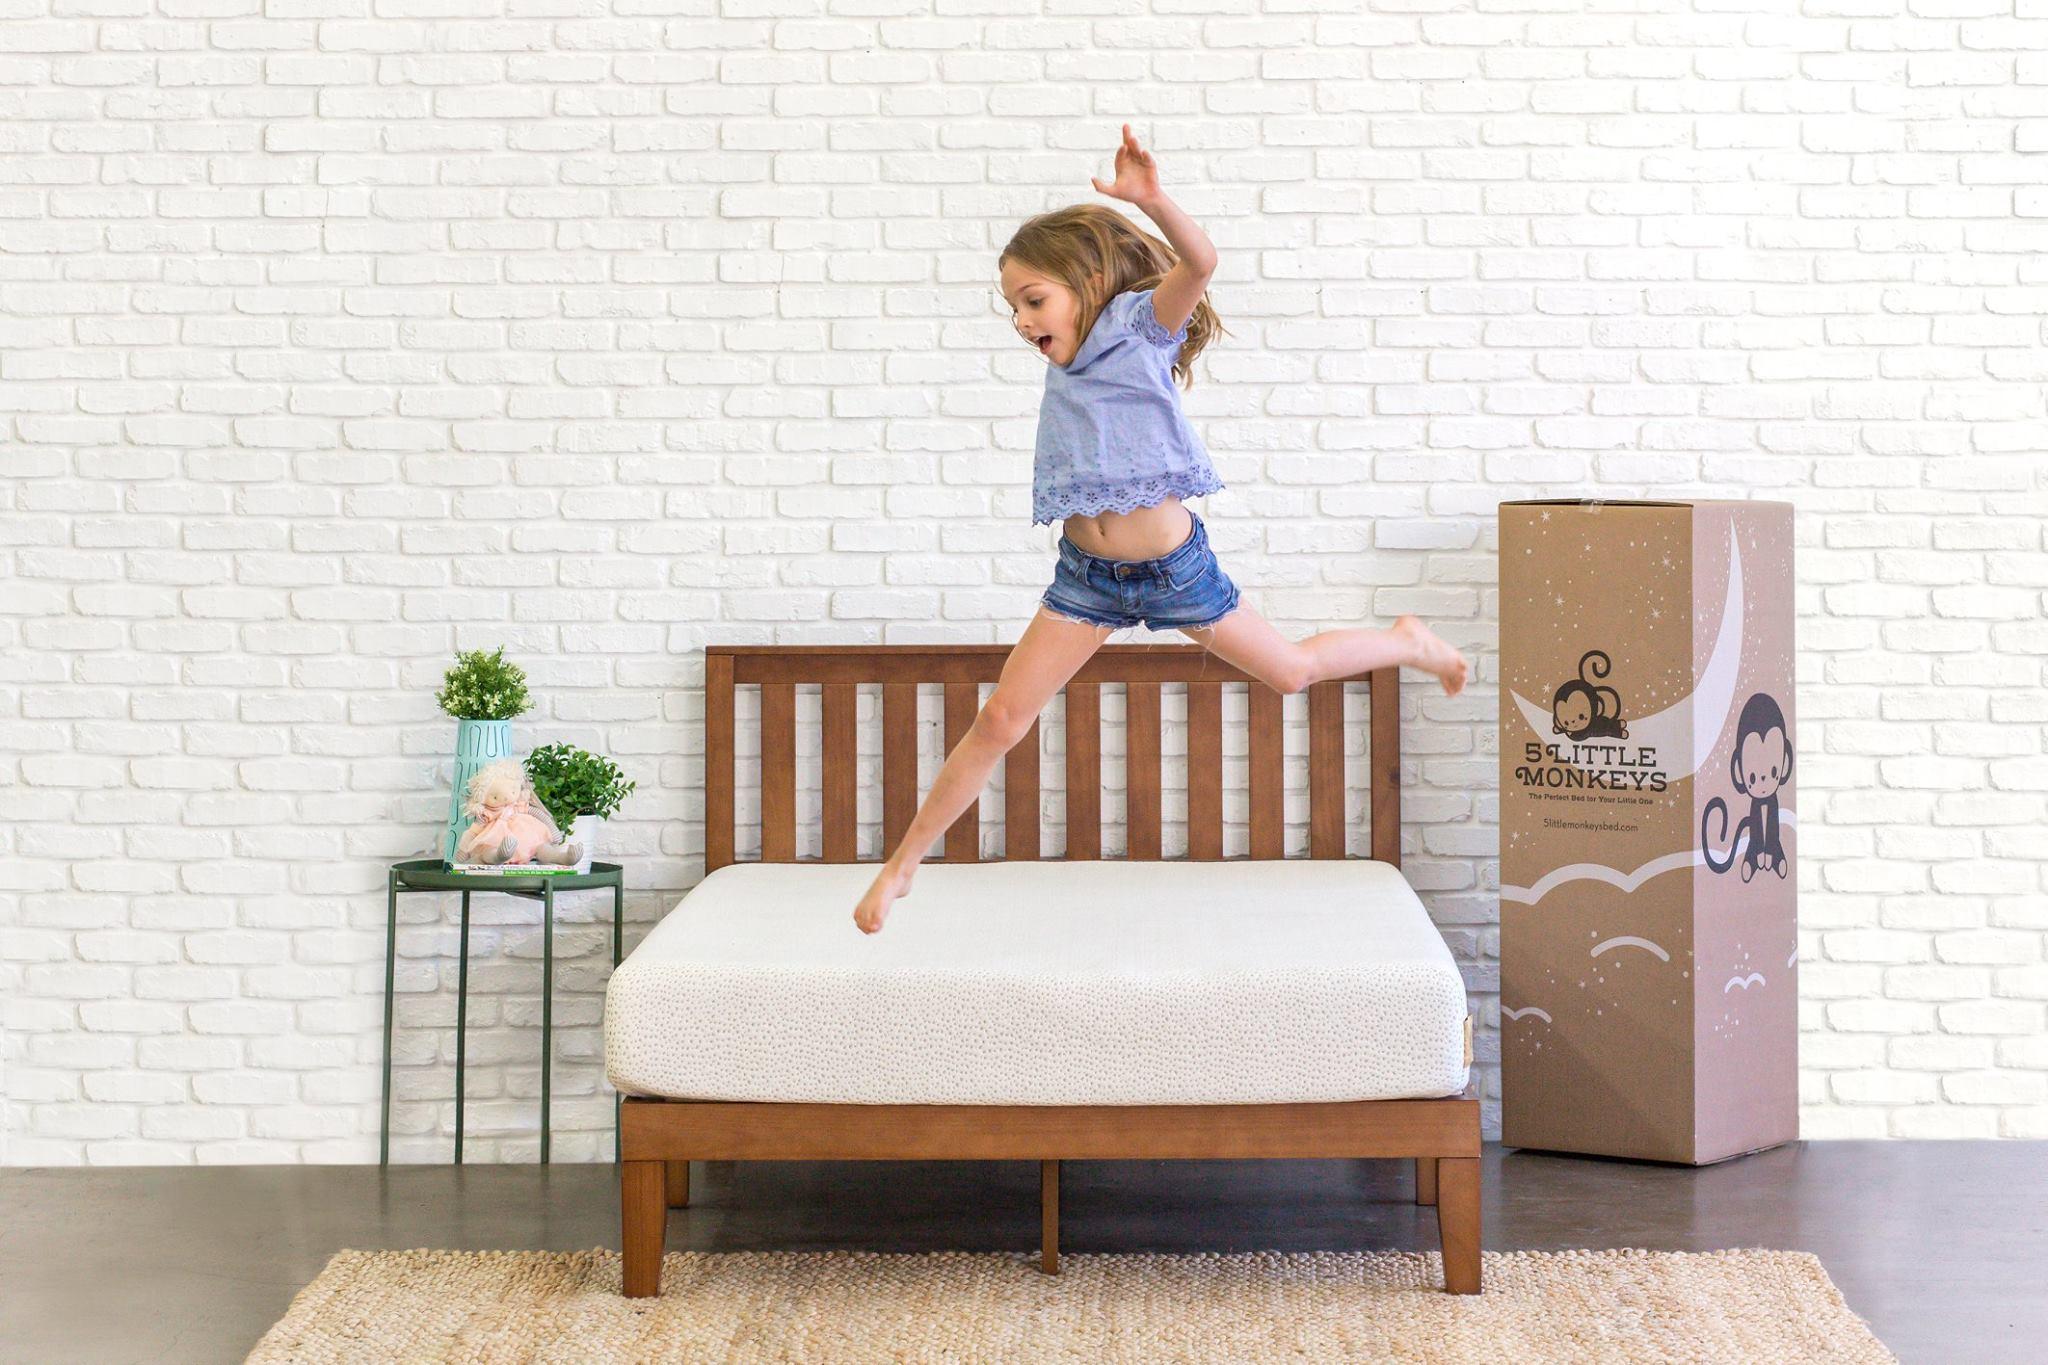 5 Little Monkeys Mattress Adds New Queen Size Beds